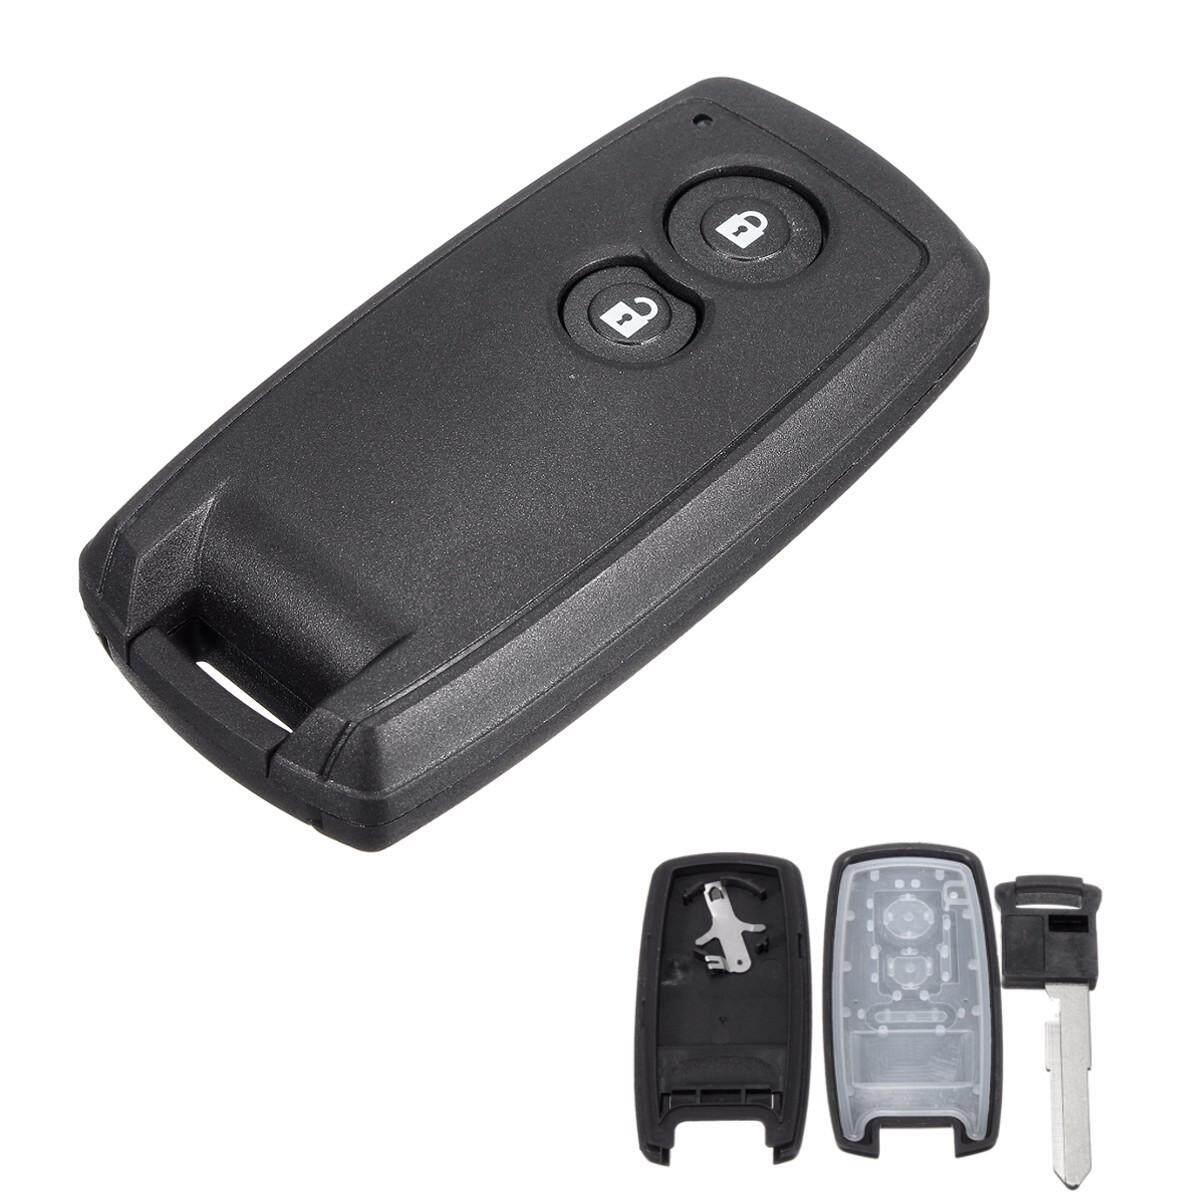 2 Button Remote Key Case Shell + Uncut Blade For SX4 Grand Vitara Swift